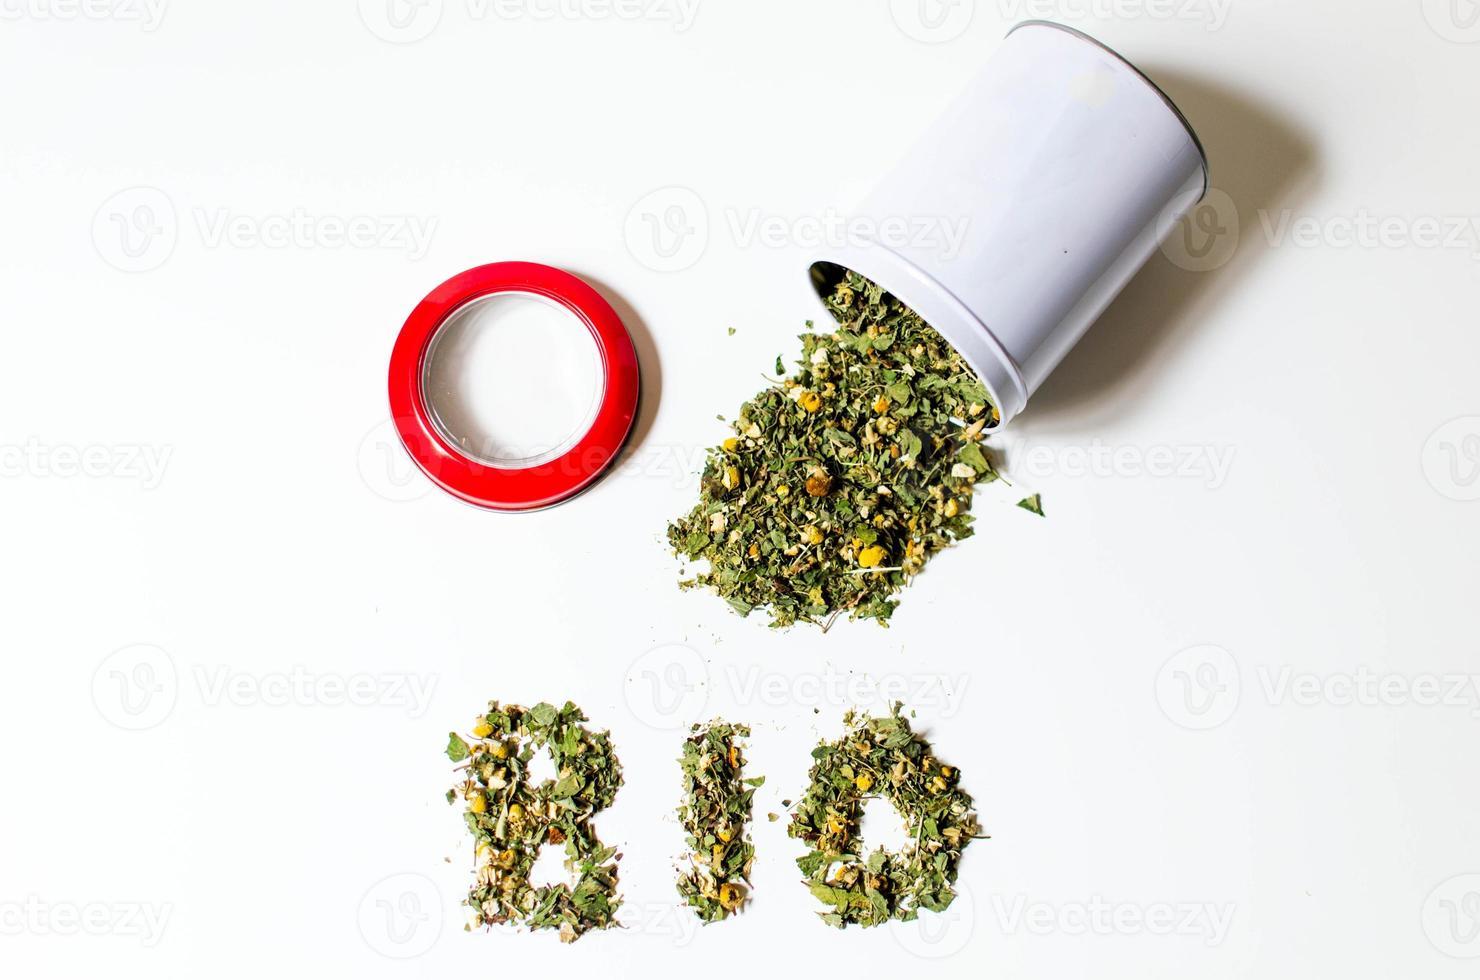 verschüttete lose Bio-Teekanne mit rotem Deckel foto